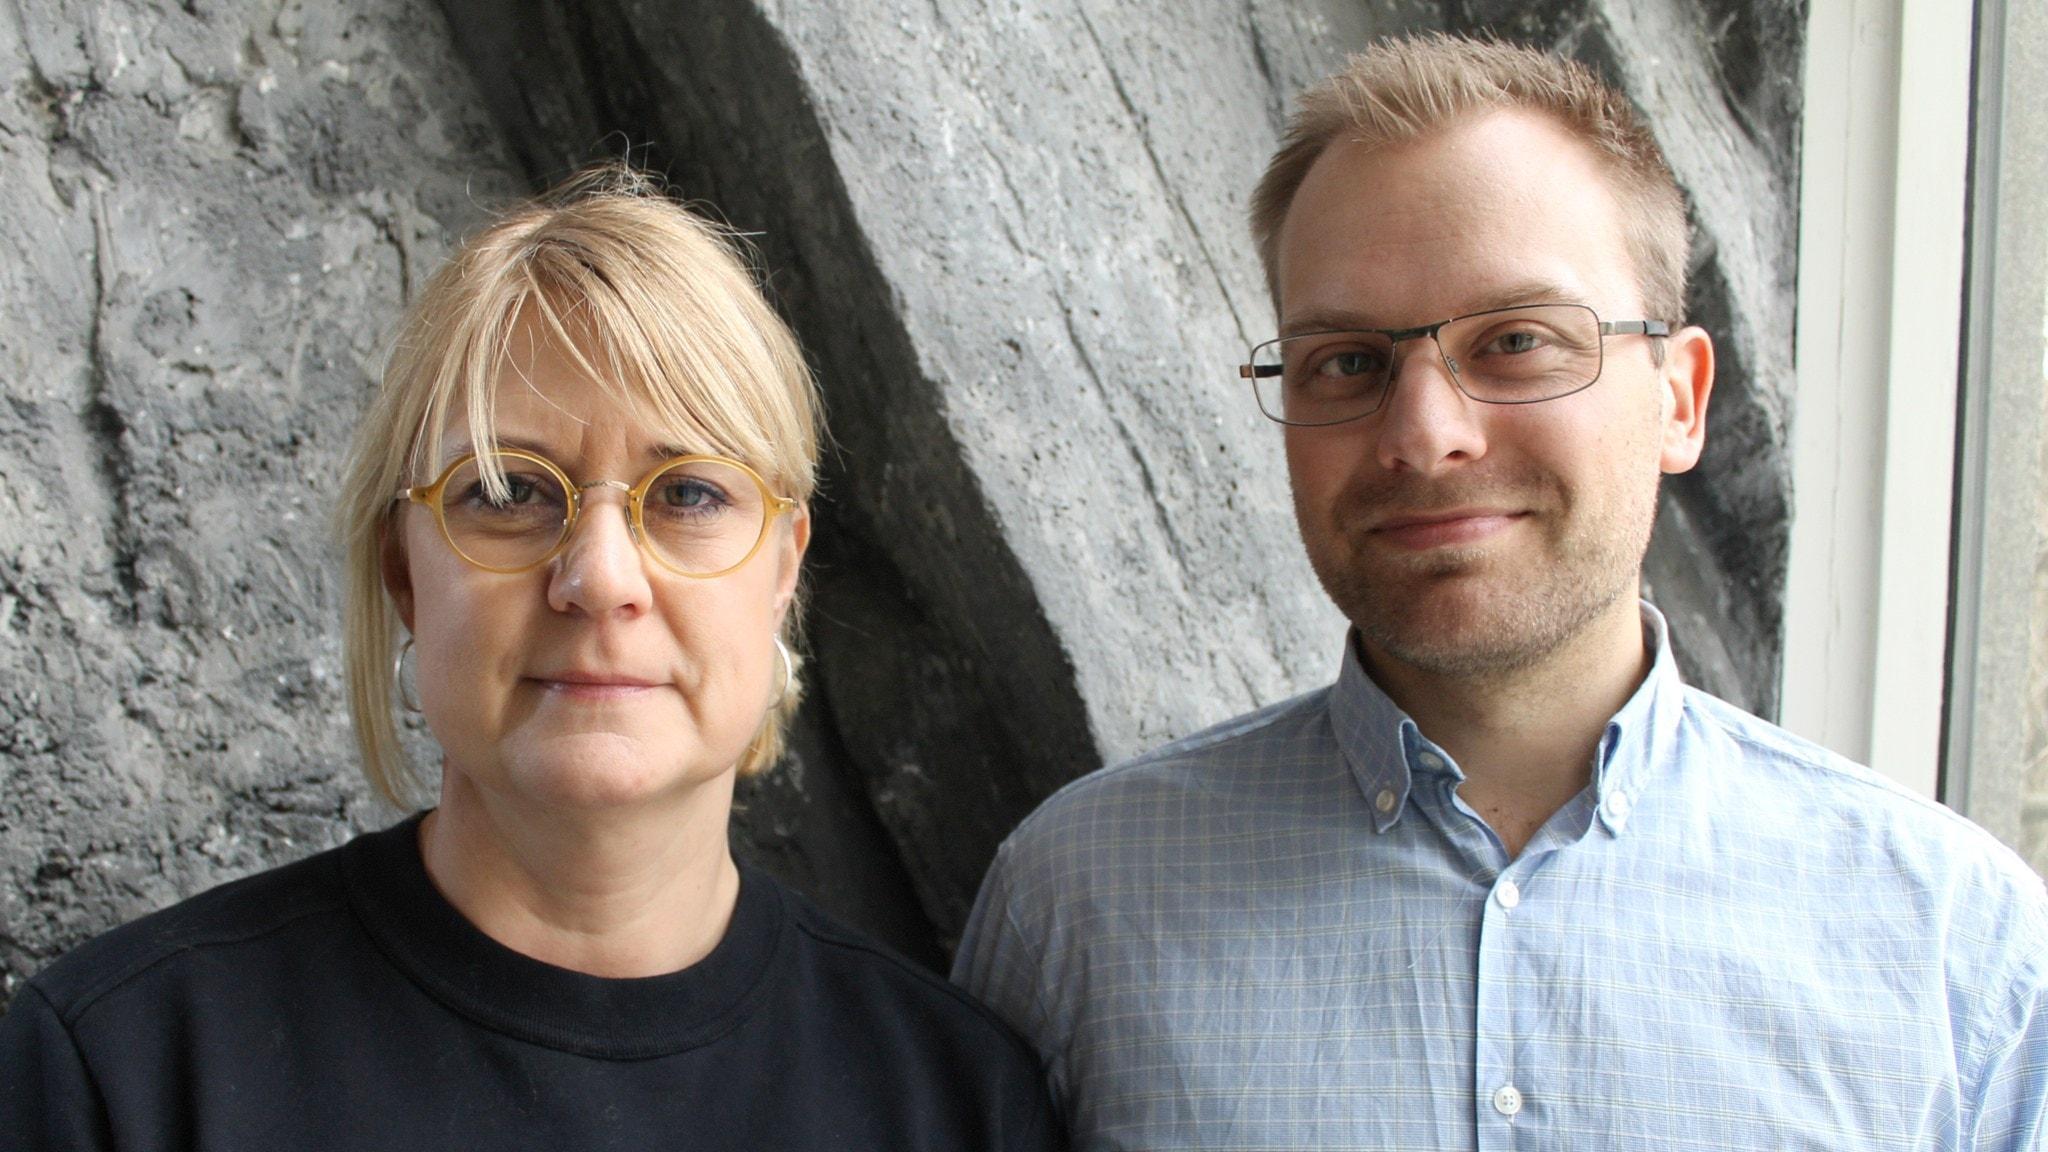 Erika Bosta, rektor restaurangskolan, Grillska gymnasiet i Sundbyberg och Joel Gudheimsson, yrkeslärare på Stockholms hotell- och restaurangskola, medverkar.